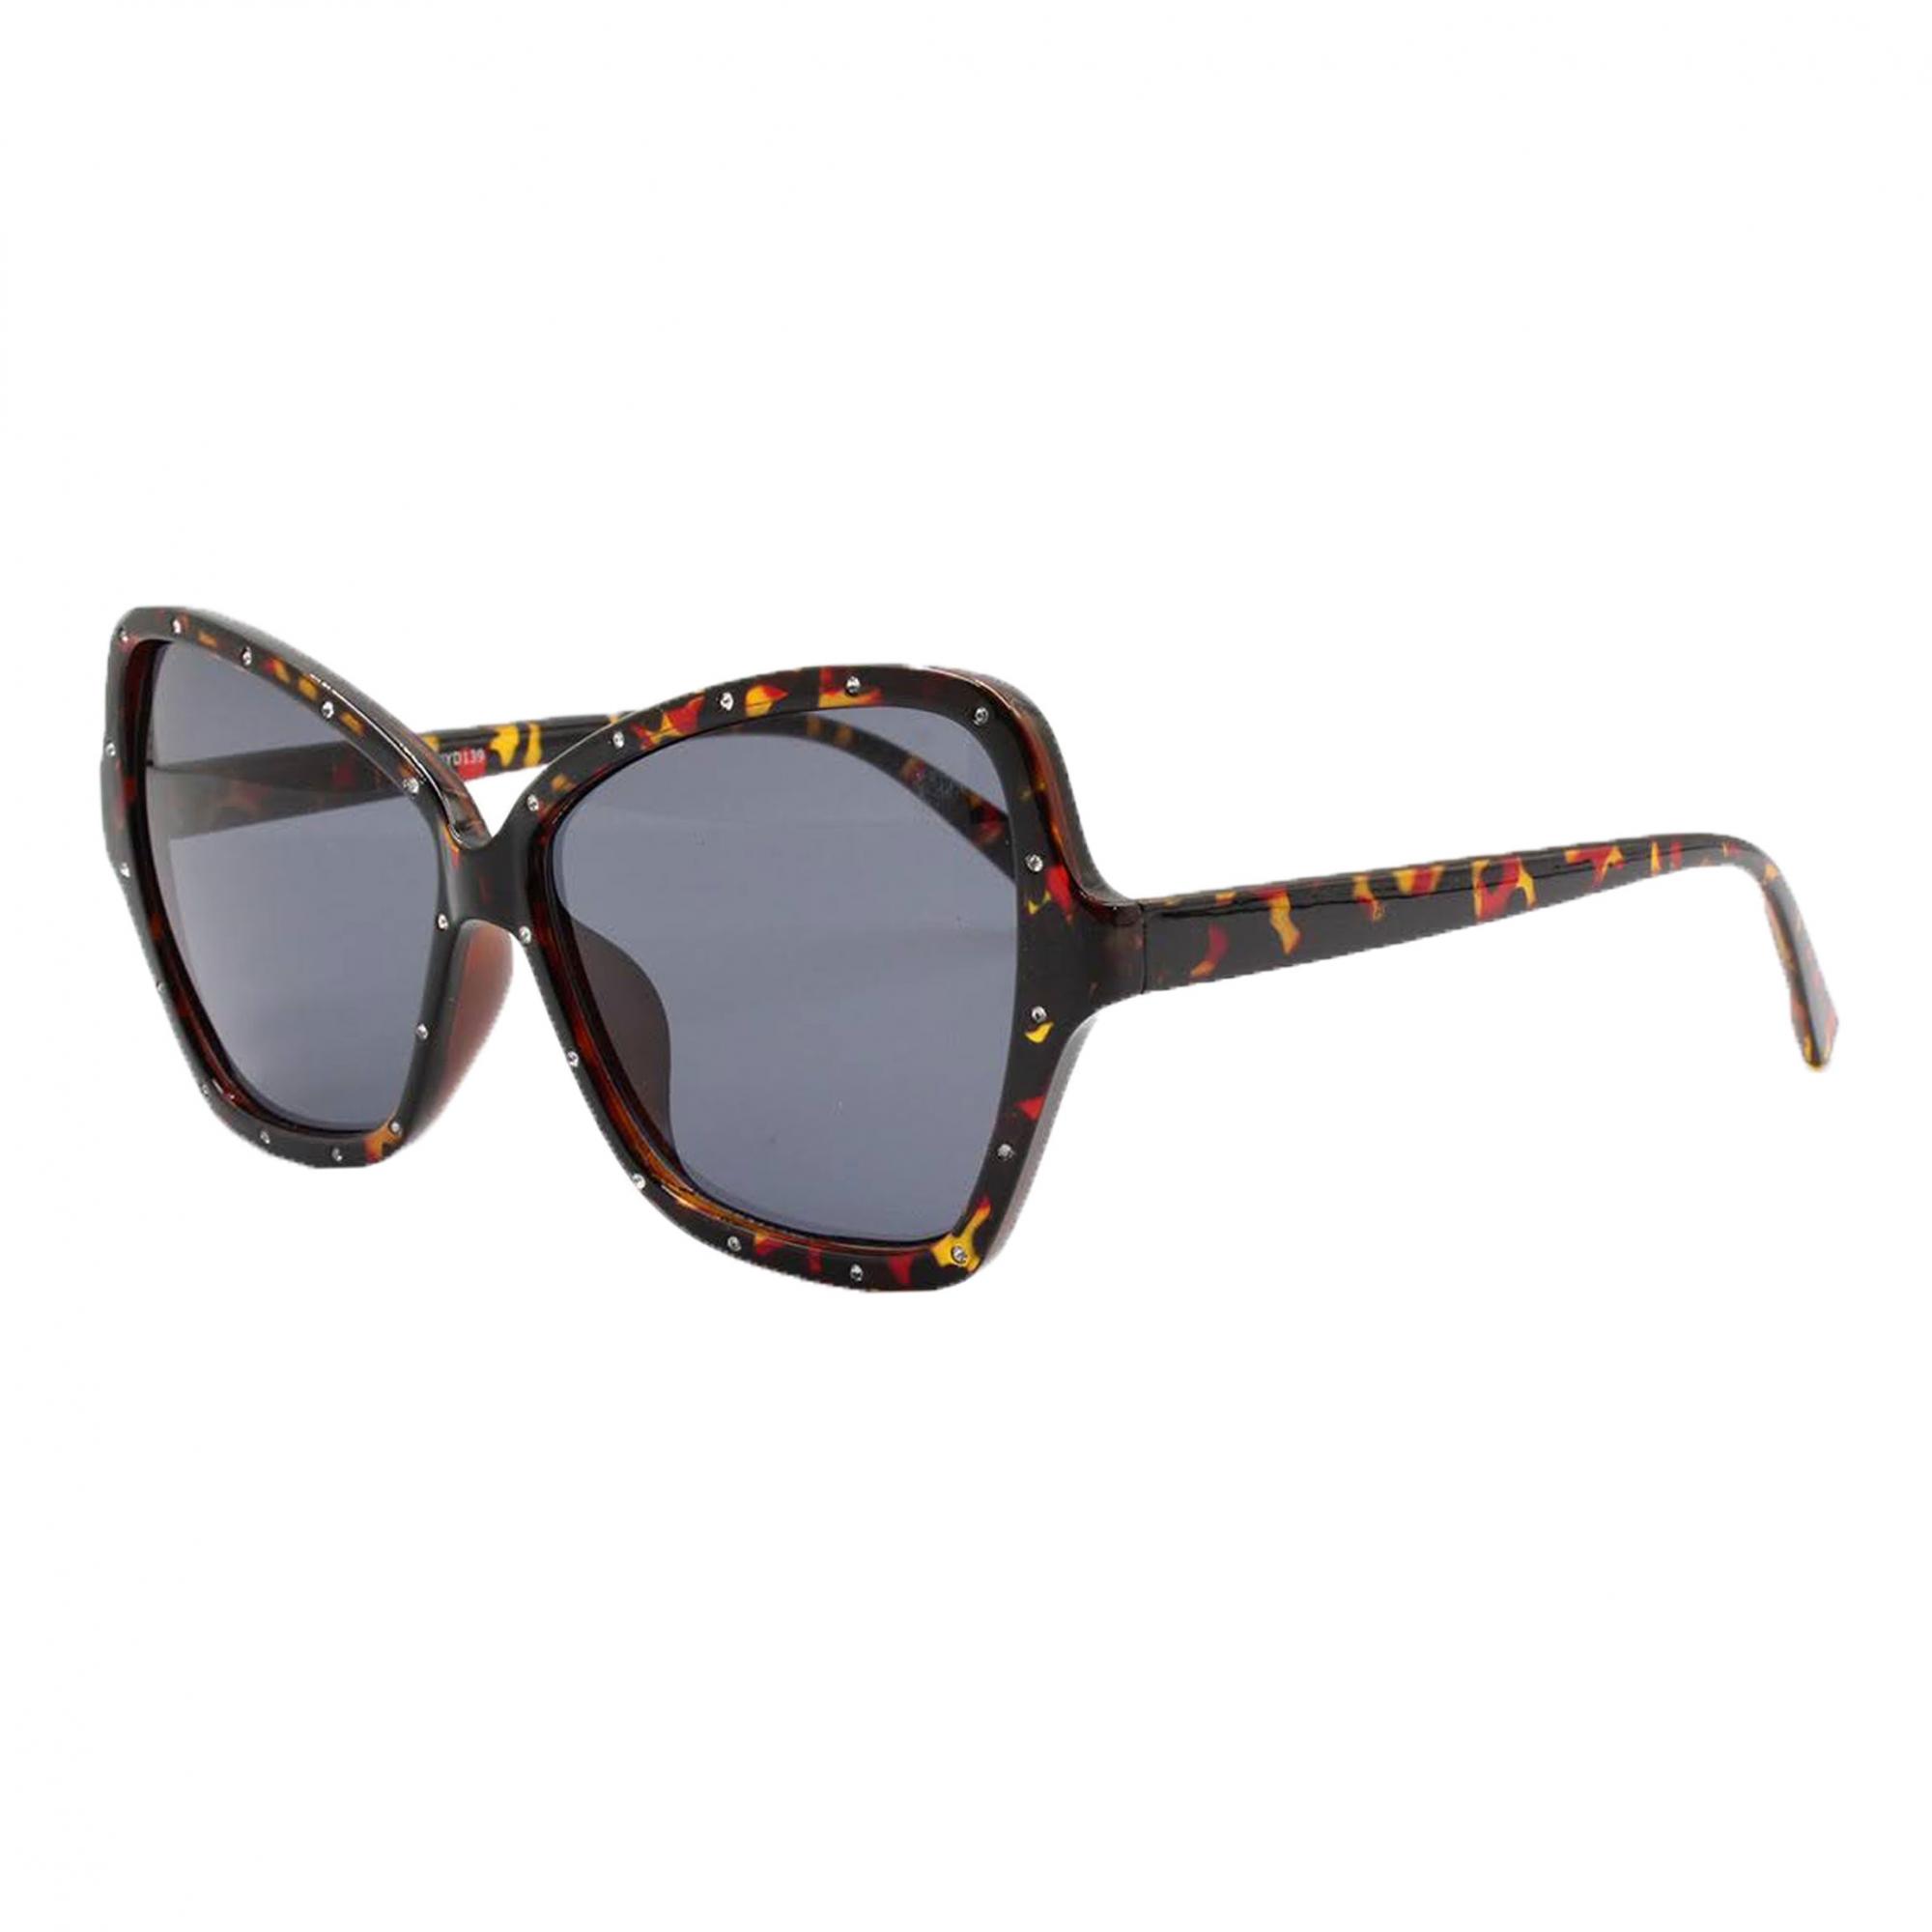 Óculos Solar Feminino NYD139 Mesclado